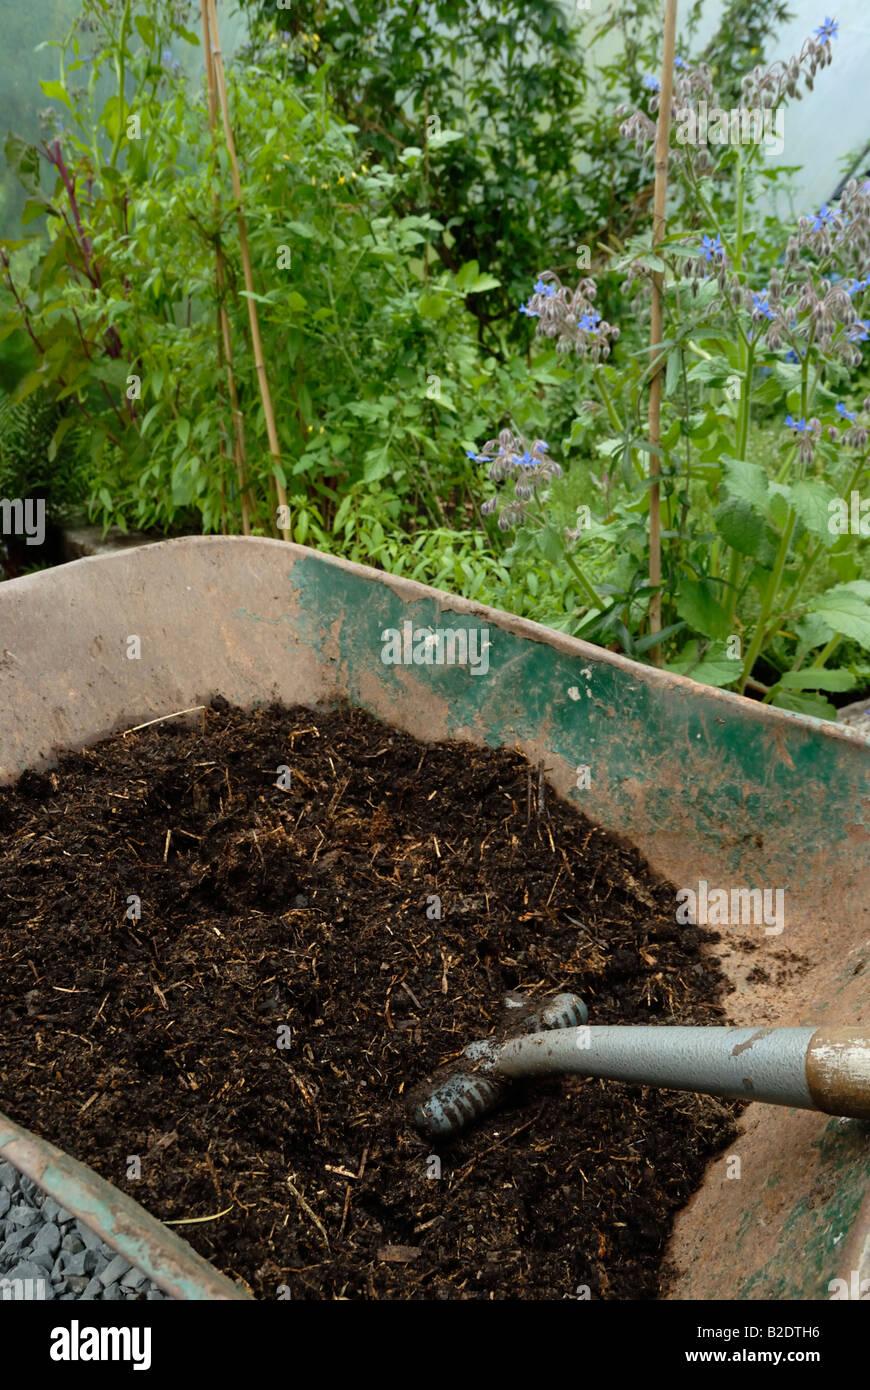 Homemade compost in a wheelbarrow